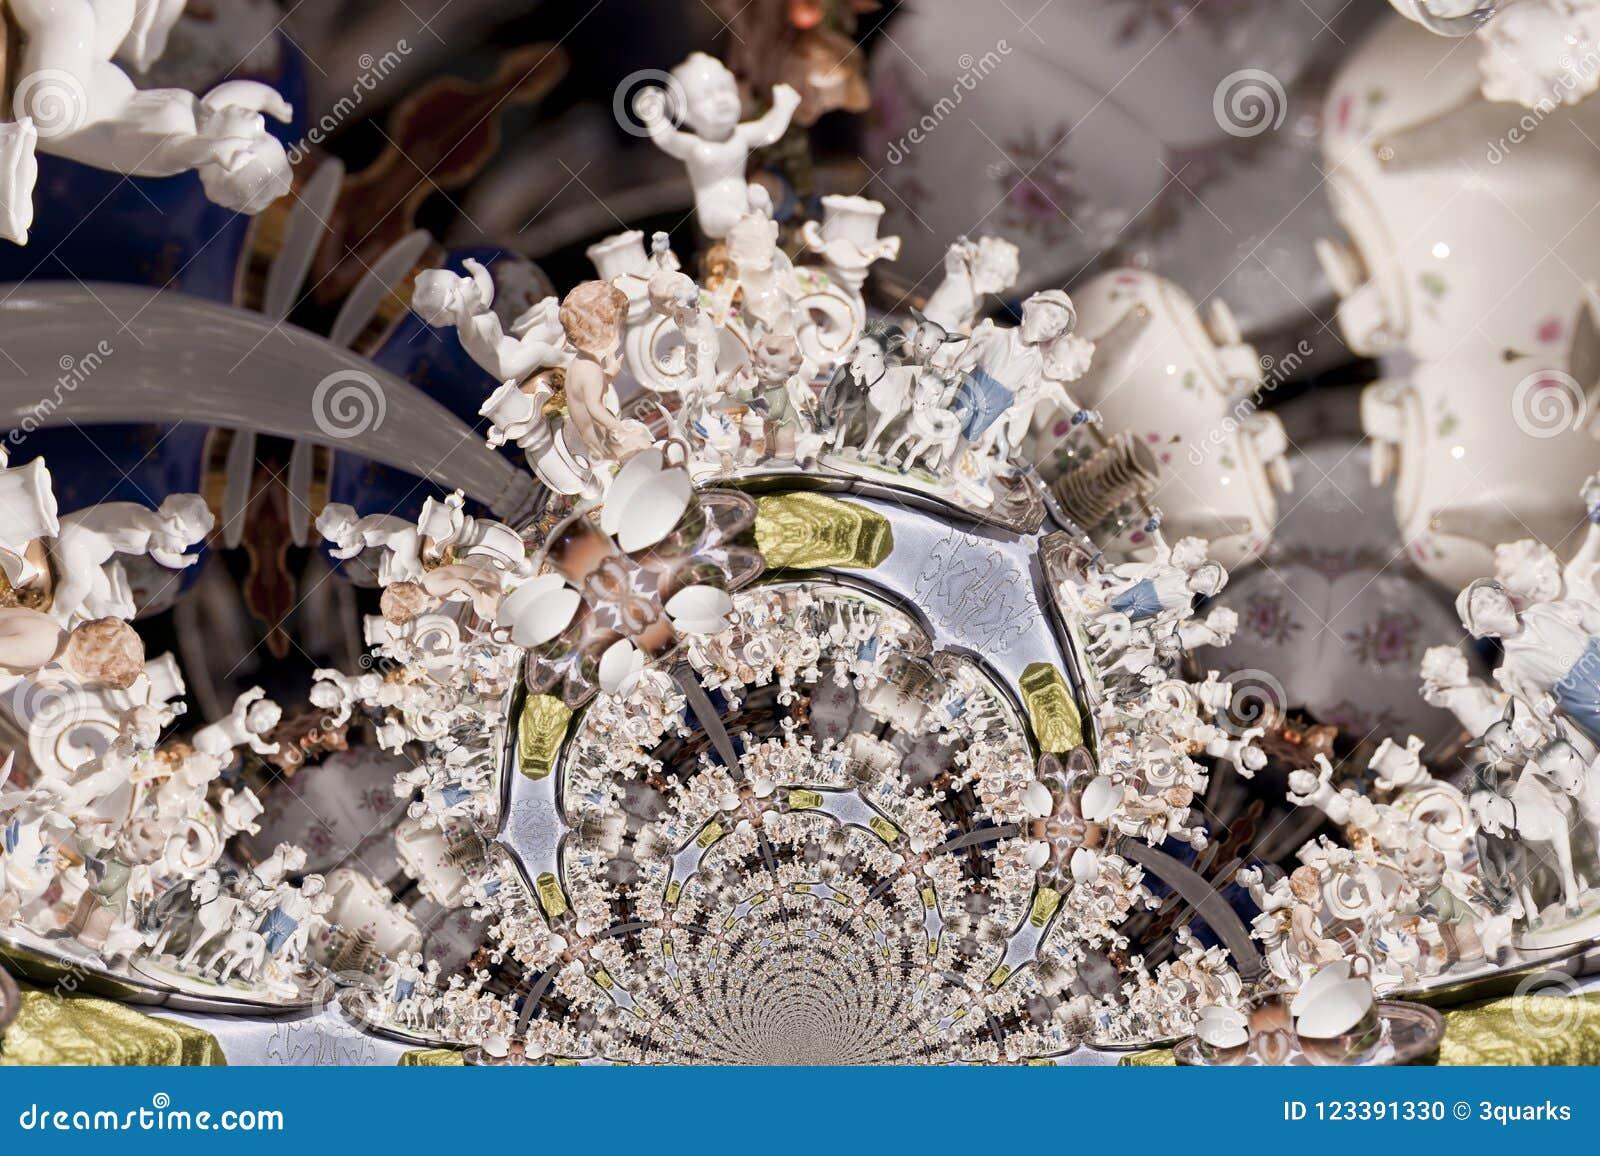 Kaleidoskopisches Muster eines Durcheinander-Verkaufs